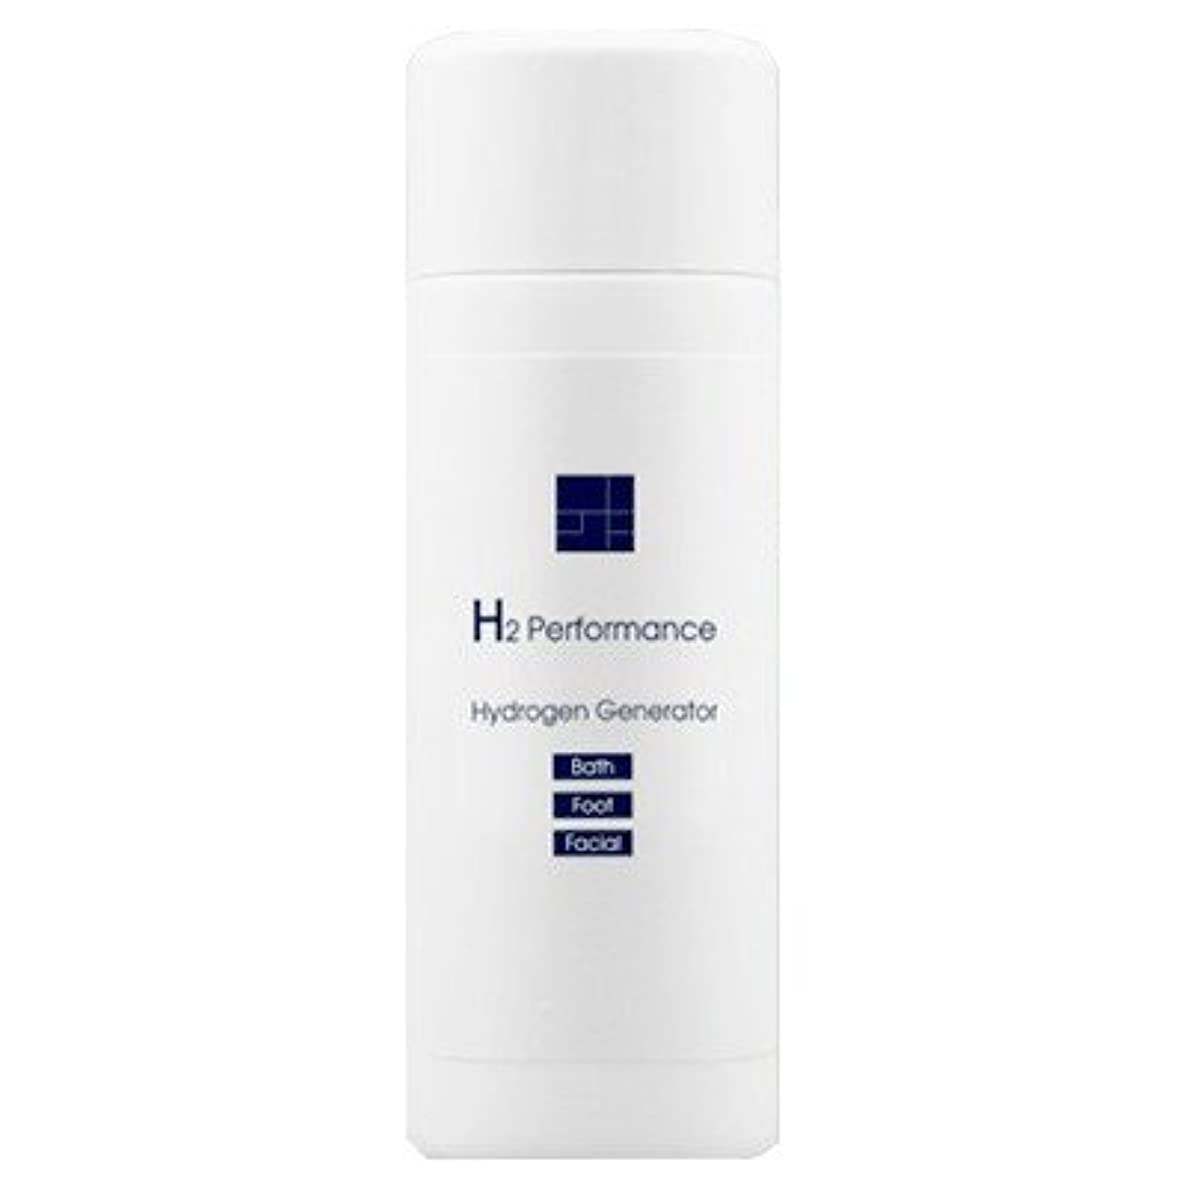 バンドルアンビエントくるくるH2パフォーマンス ハイドロジェンジェネレイター 【Hydrogen Generator】 高濃度水素入浴剤 200g